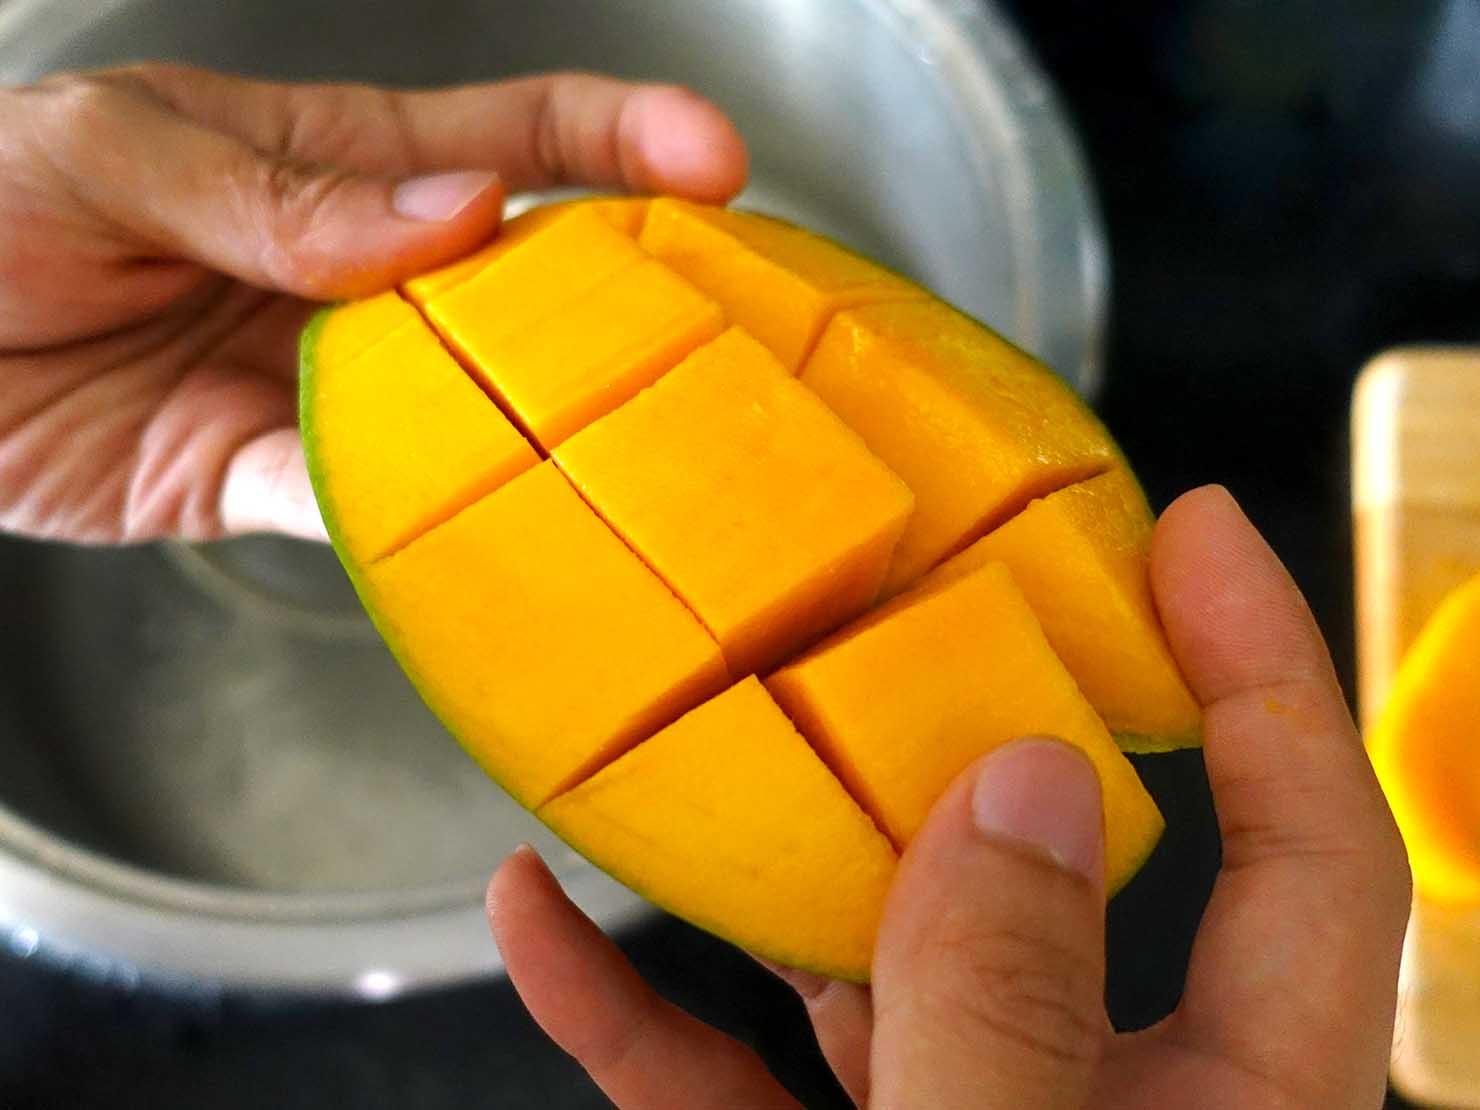 台湾のちょっと珍しい緑のマンゴー「烏香芒果」の切り方(皮を押す)